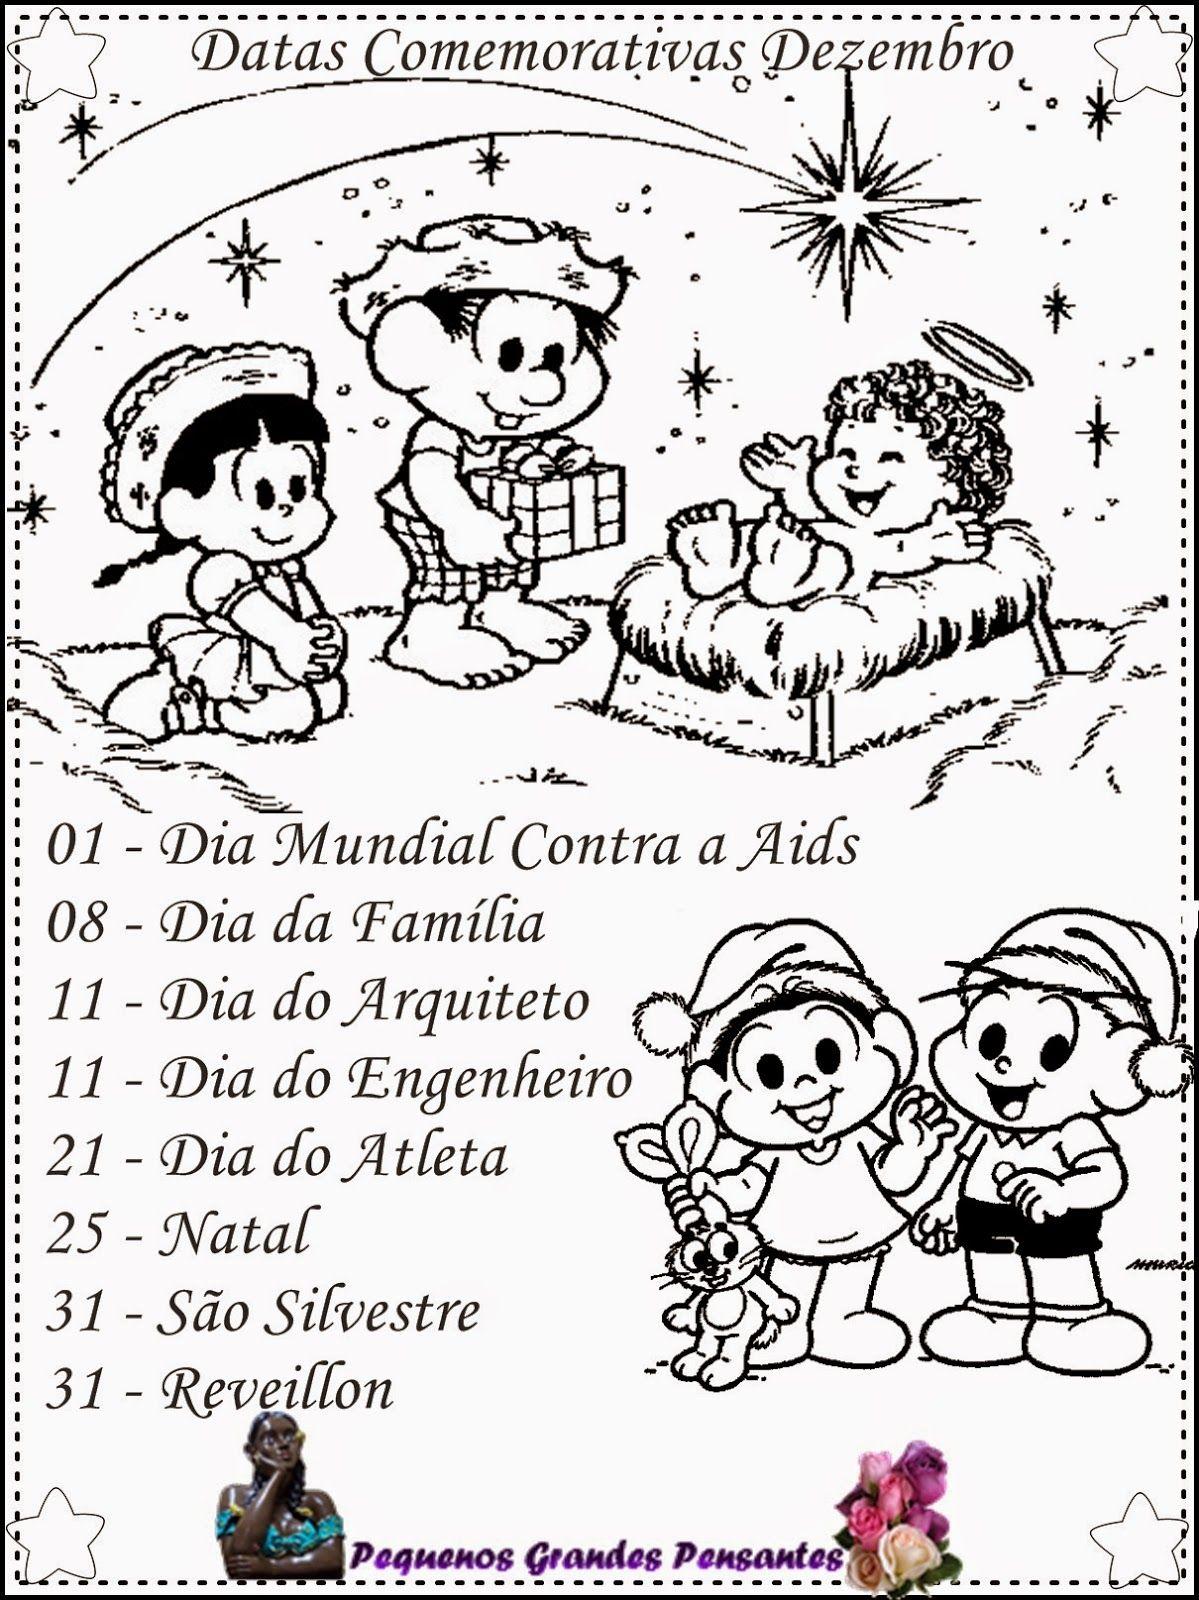 Datas Comemorativas De Dezembro Para Educacao Infantil Datas Comemorativas Educacao Infantil Calendario De Datas Comemorativas